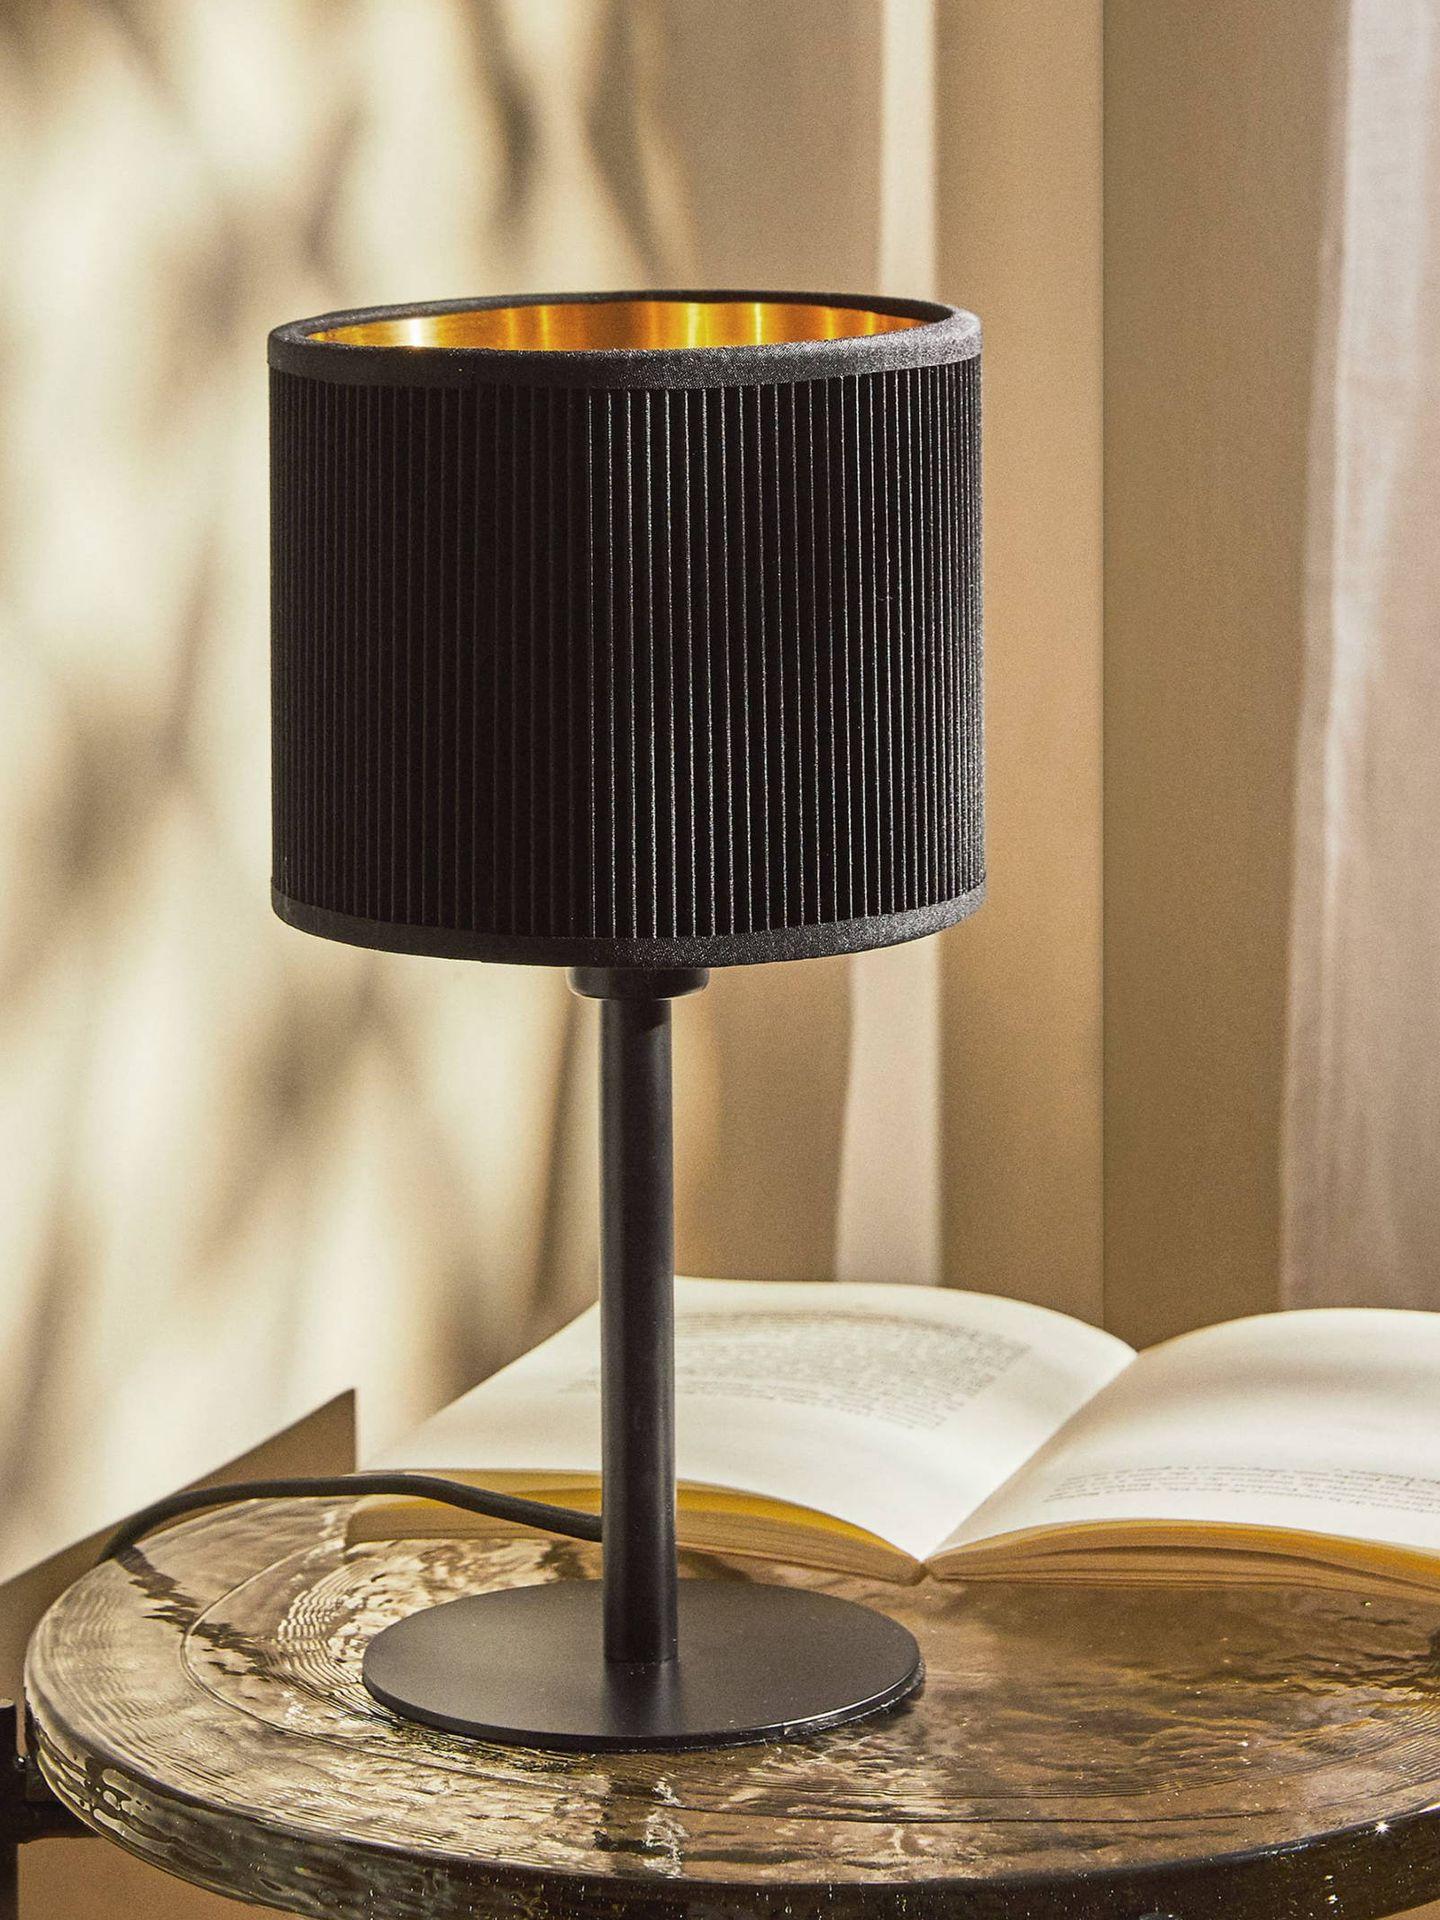 Lámparas estilosas y por menos de 20 euros como esta de Zara Home. (Cortesía)